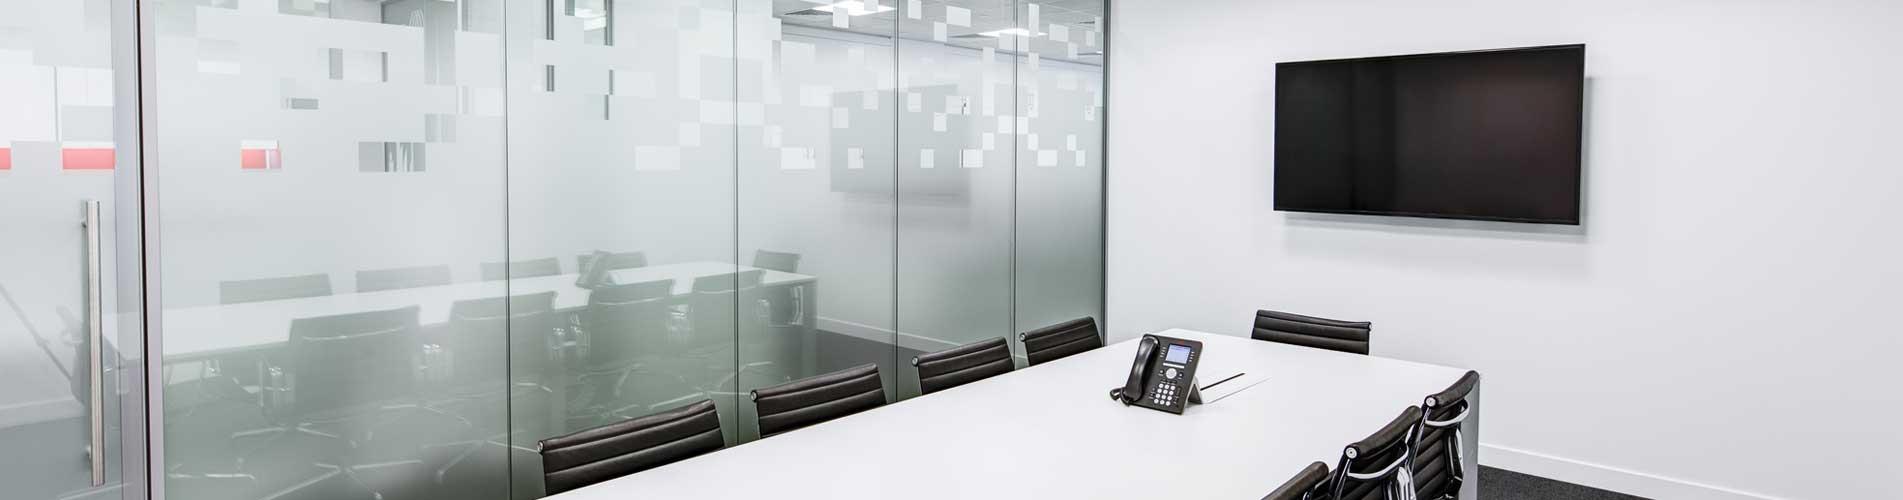 PMC bietet Personalvermittlung, Marketing und Firmenberatung.